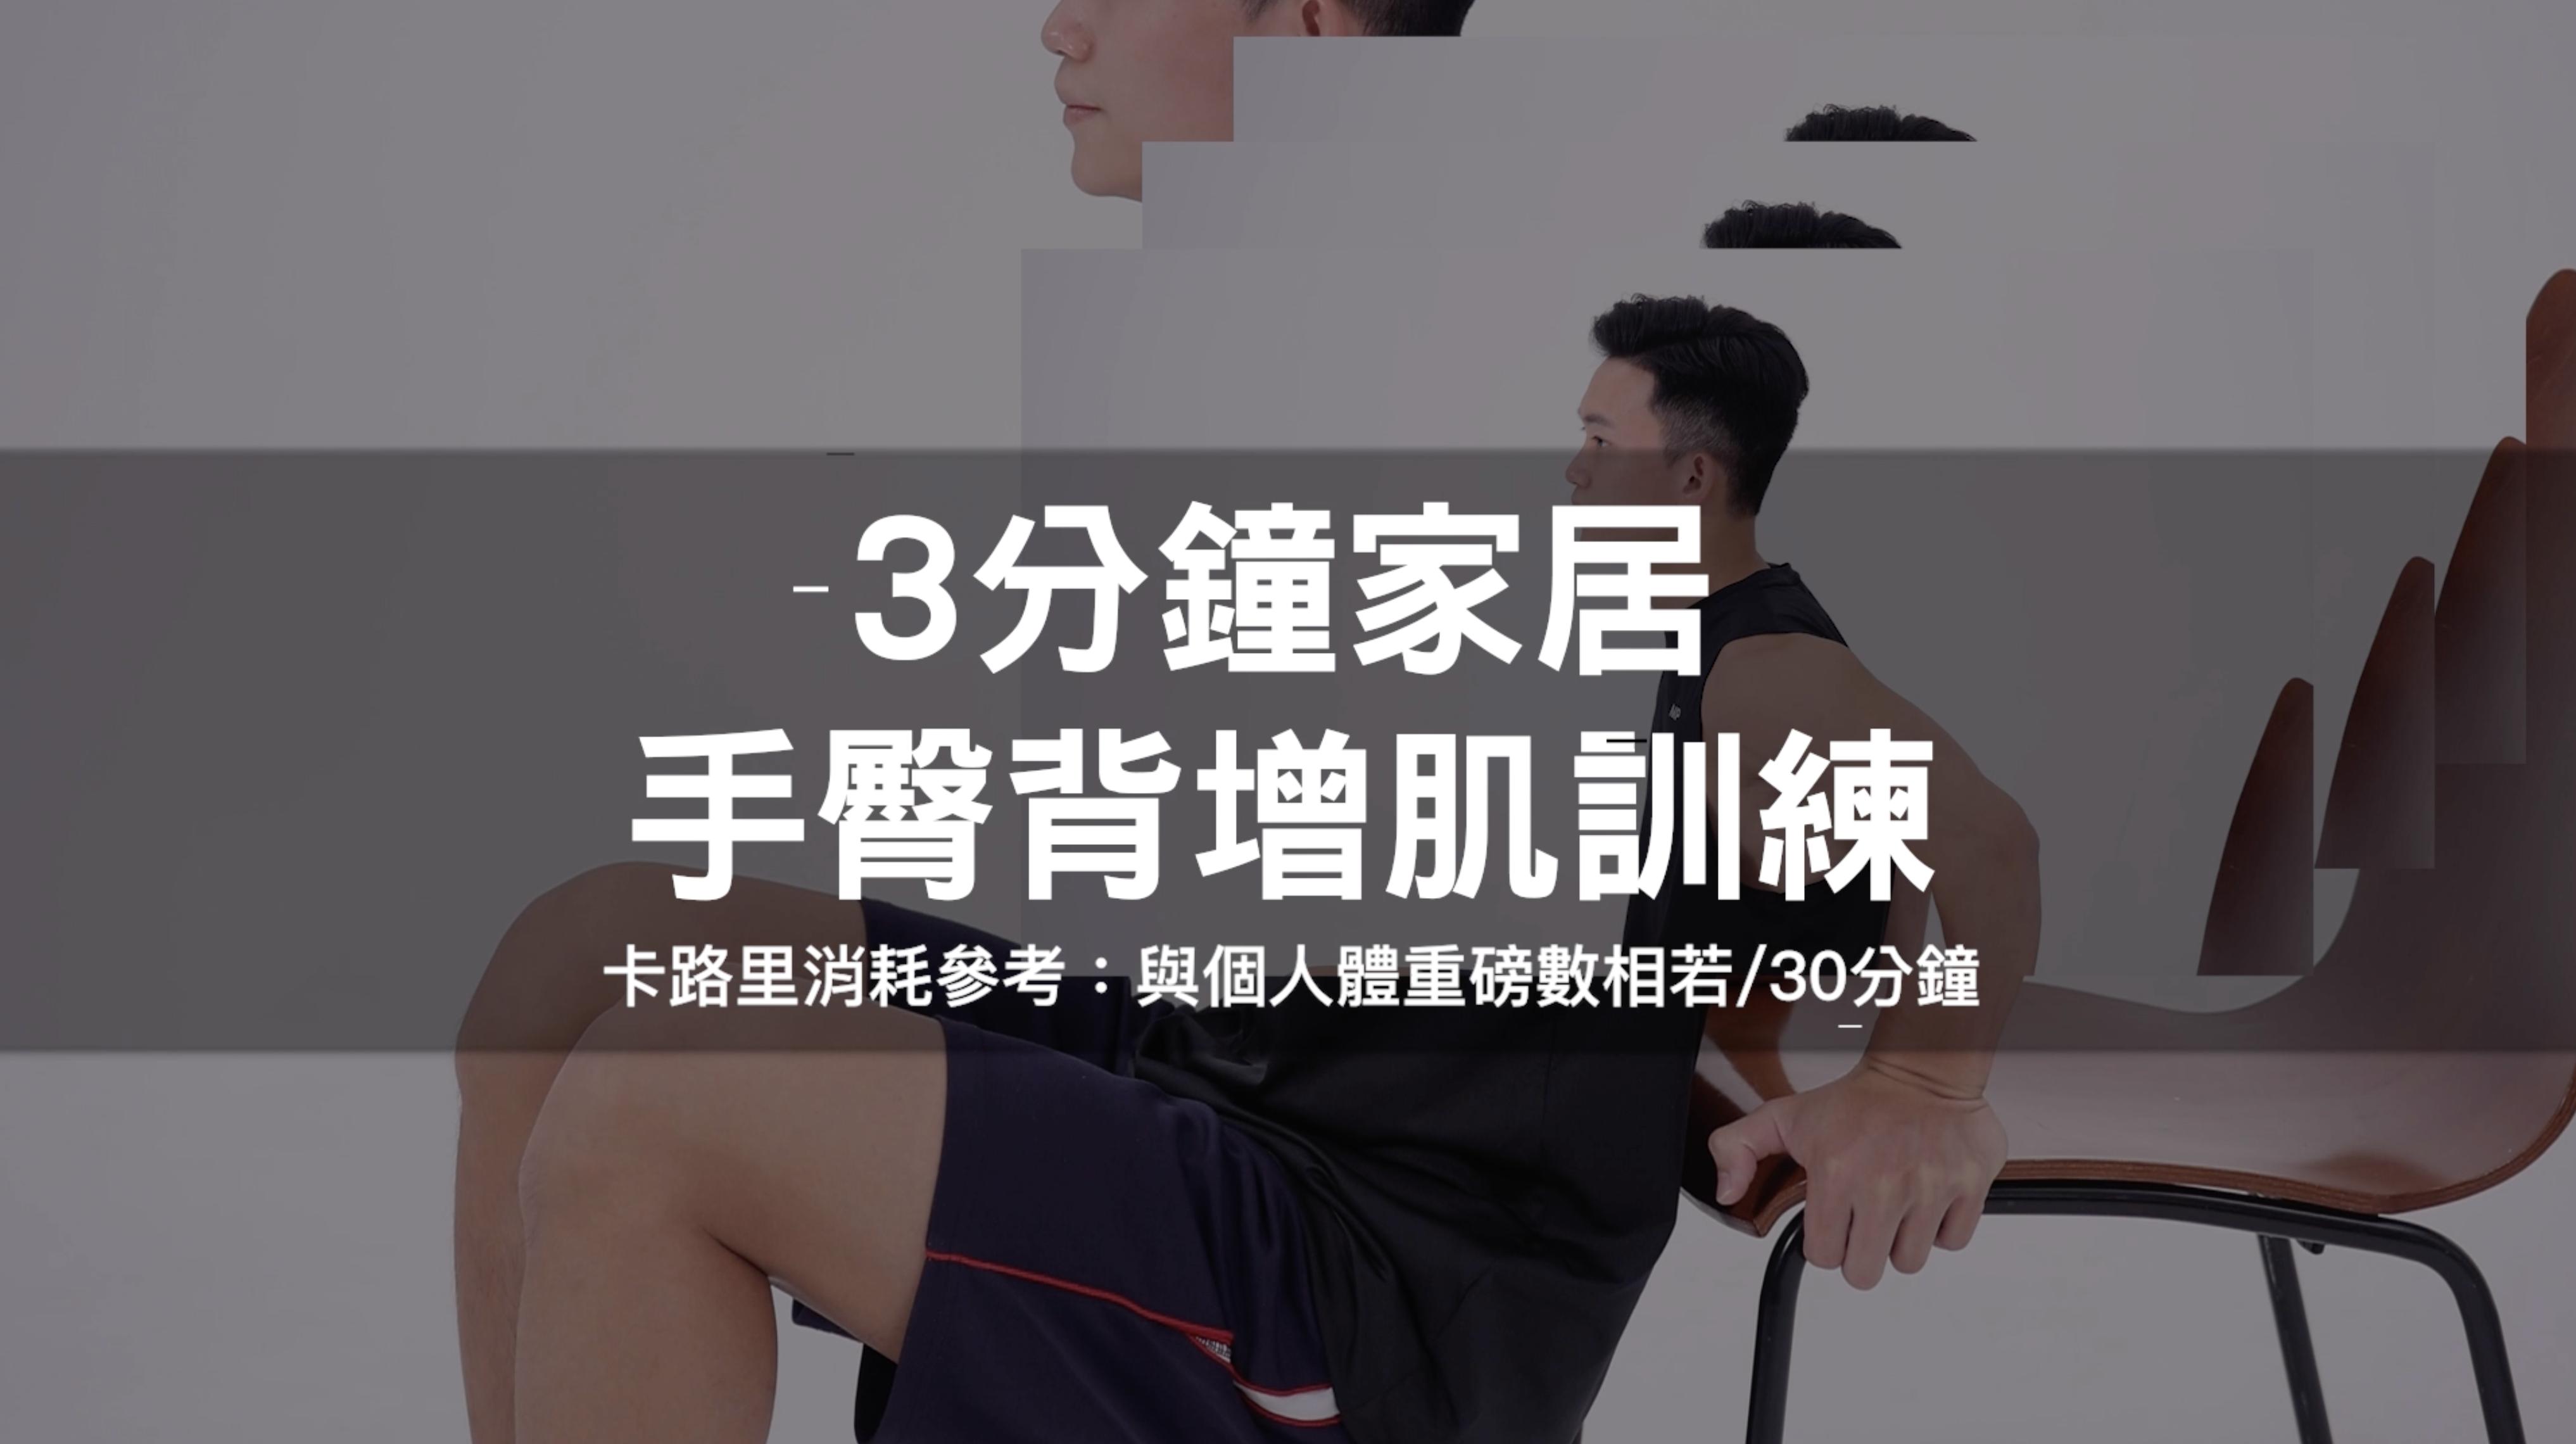 【SSwagger Academy - PT League】3分鐘家居手臂背增肌訓練